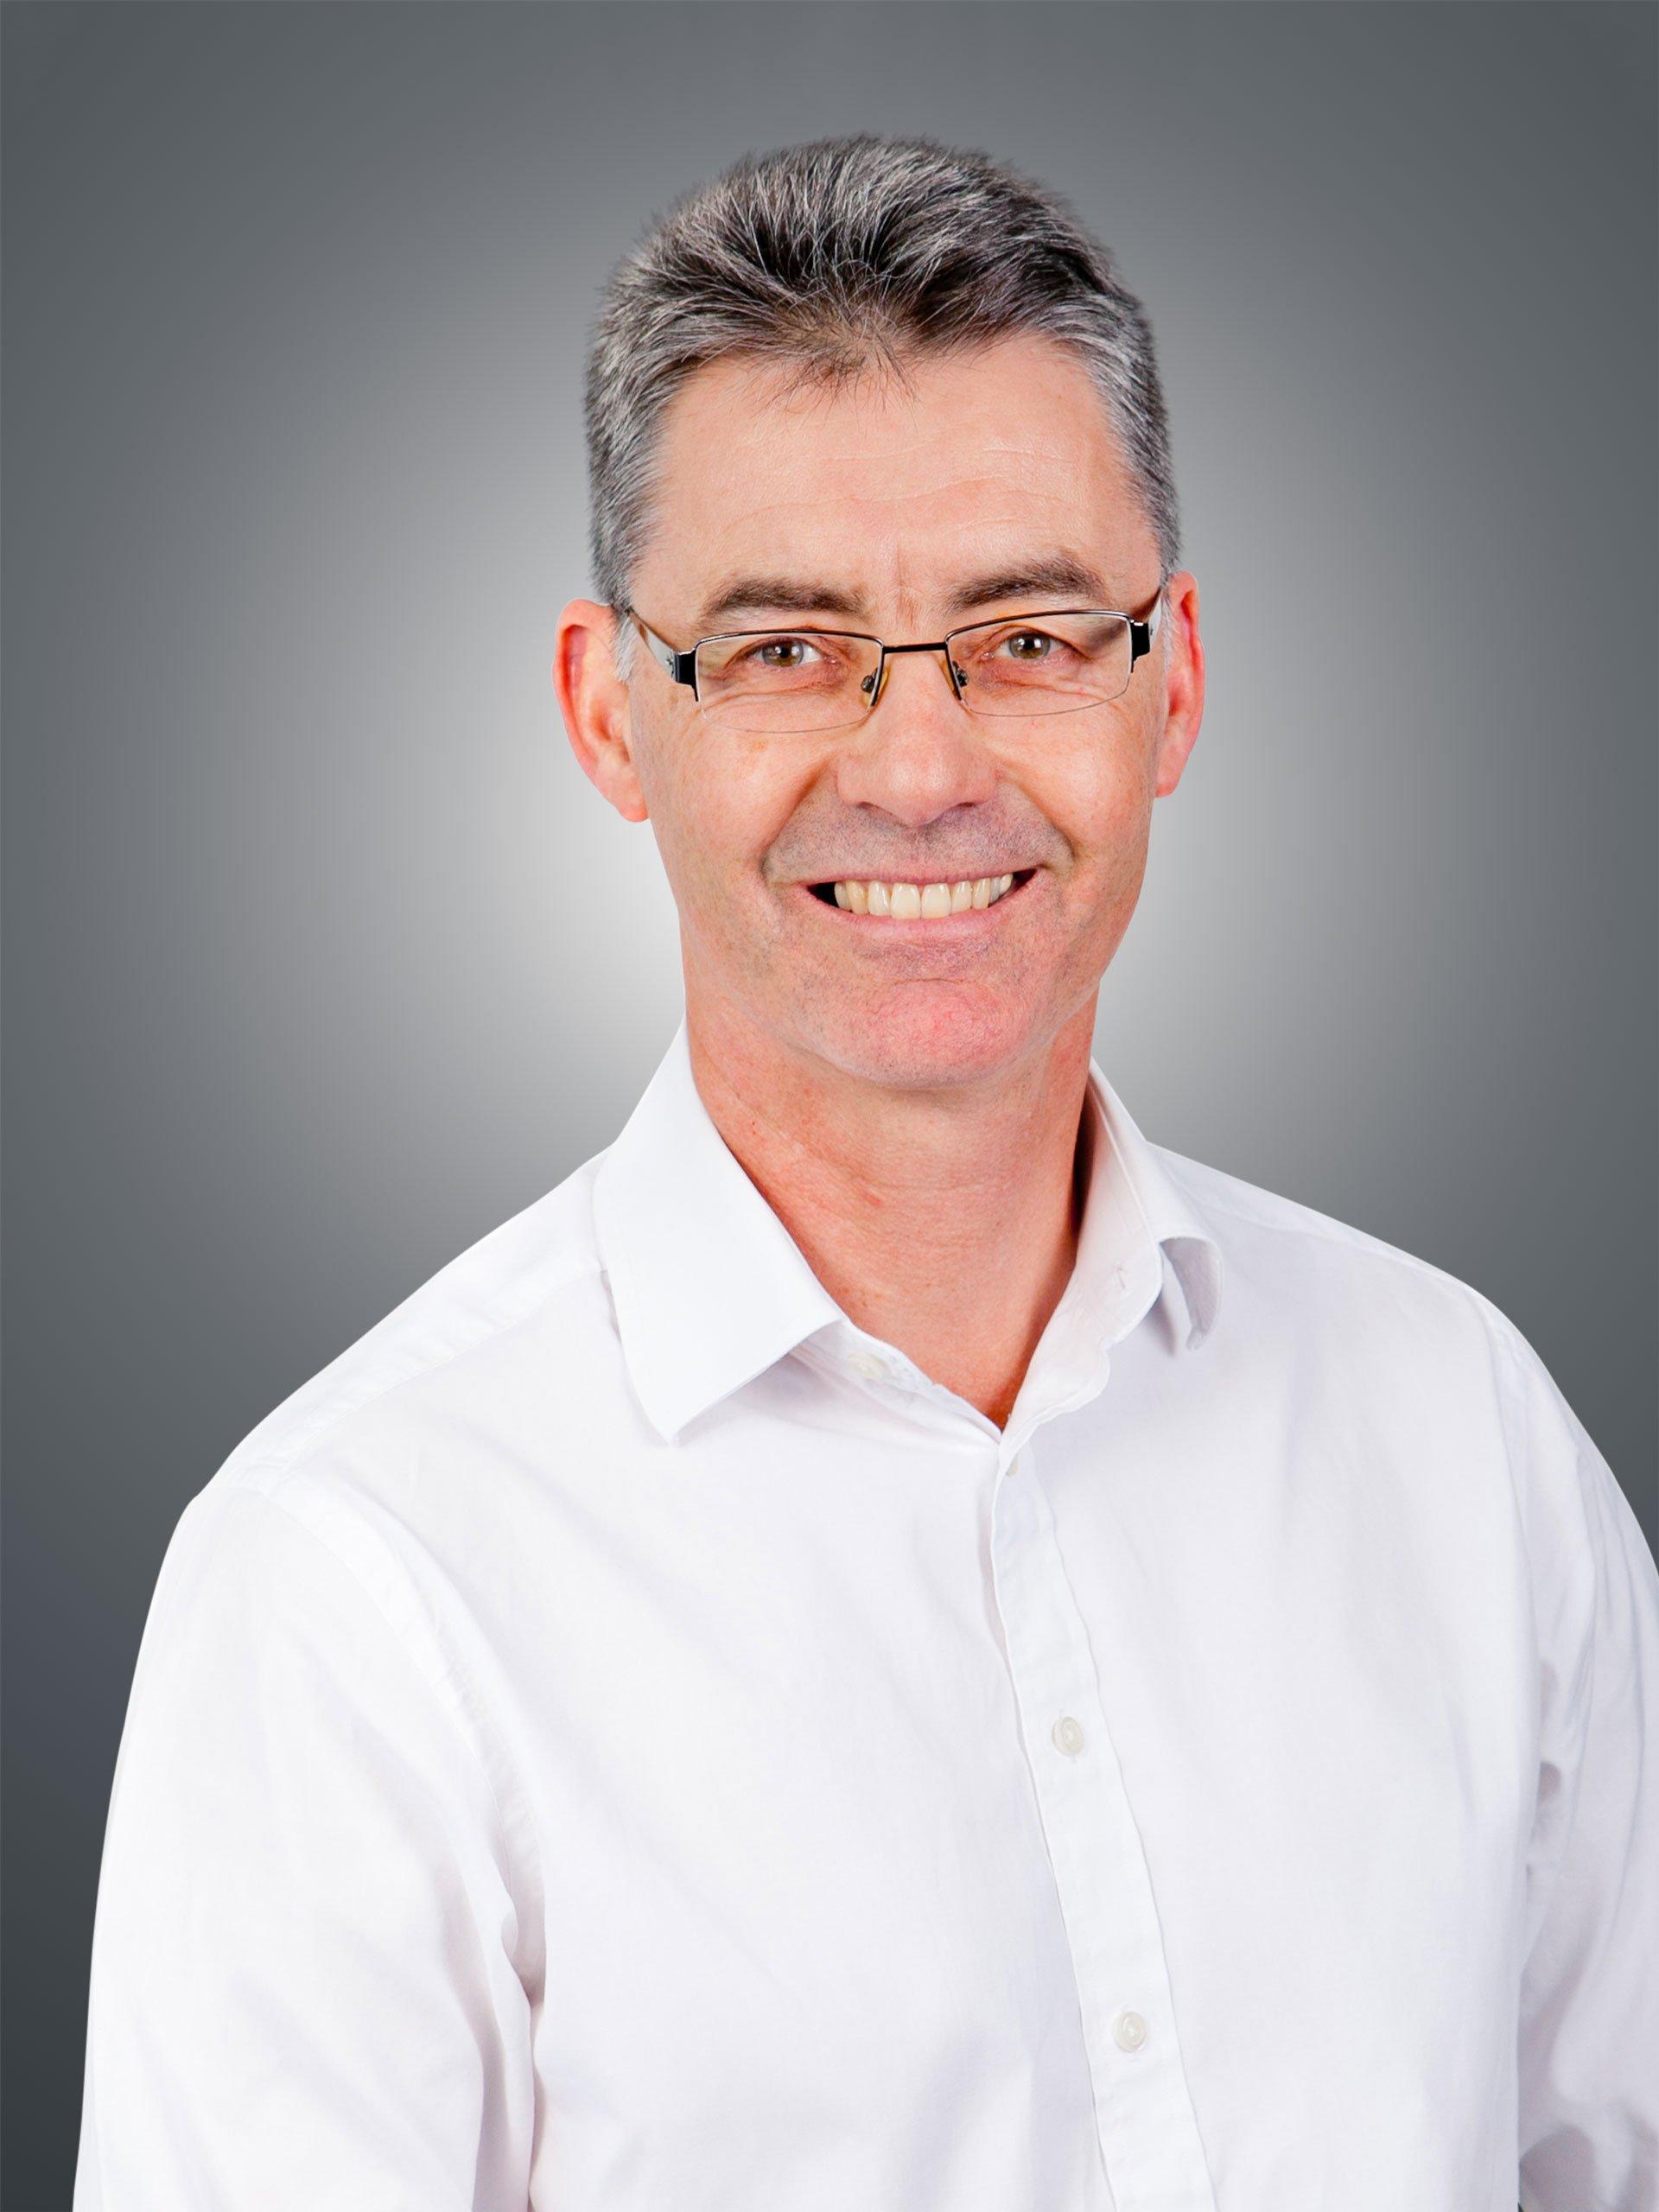 Steve Bigg